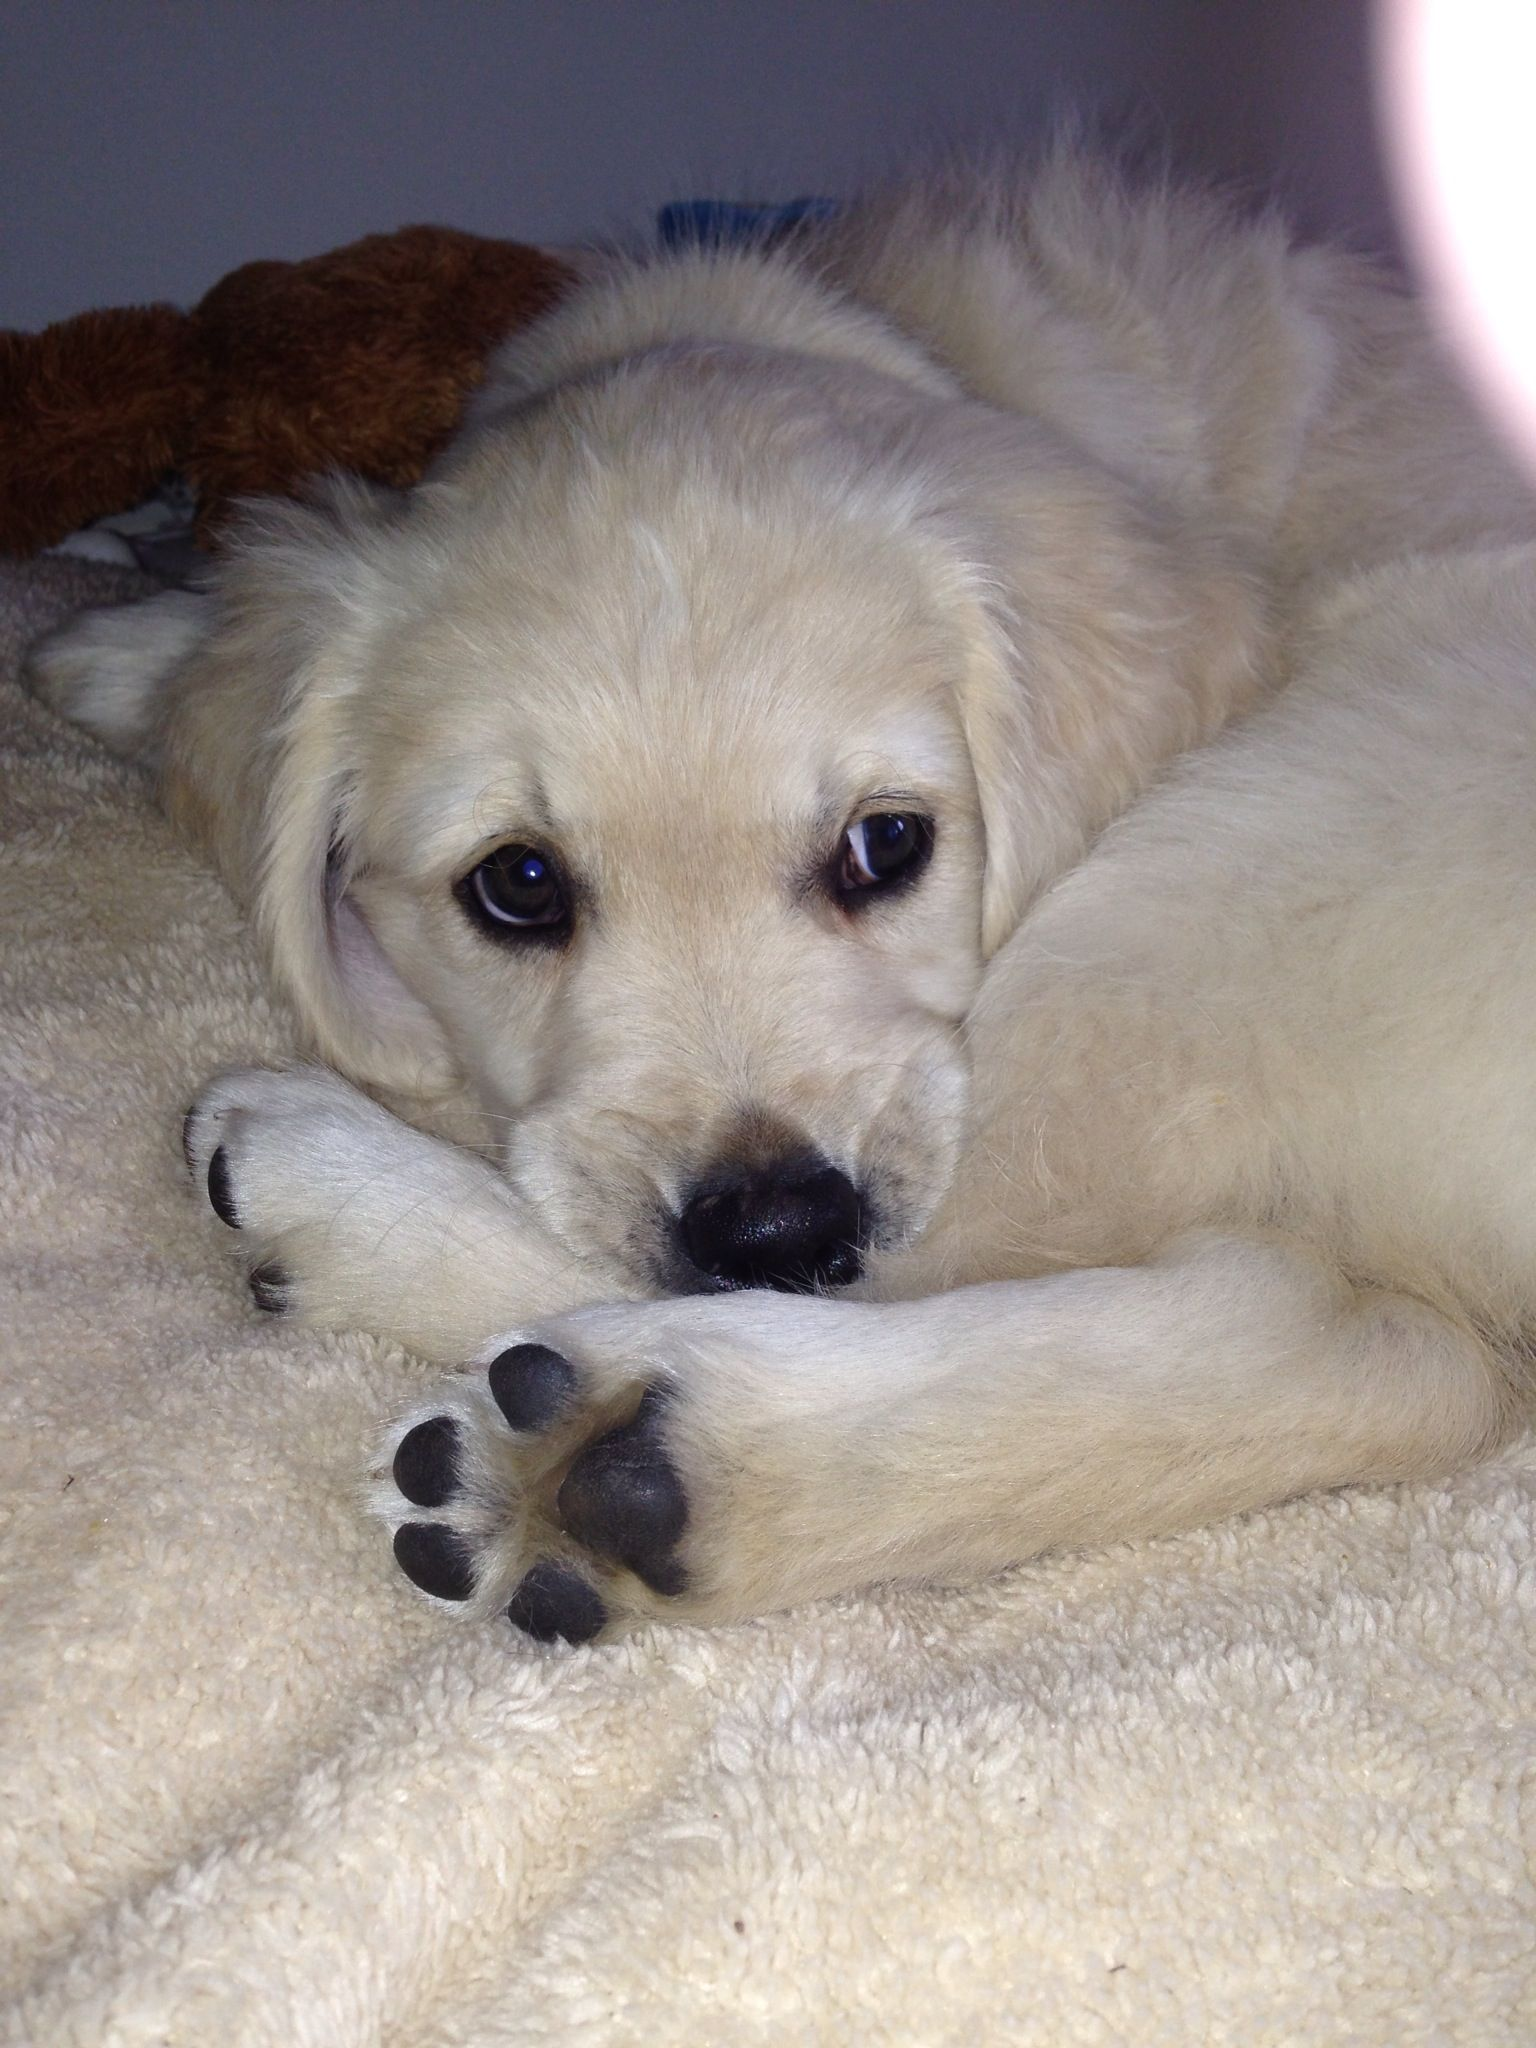 Our English Golden Retriever English Golden Retrievers English Golden Retriever Puppy Golden Retriever